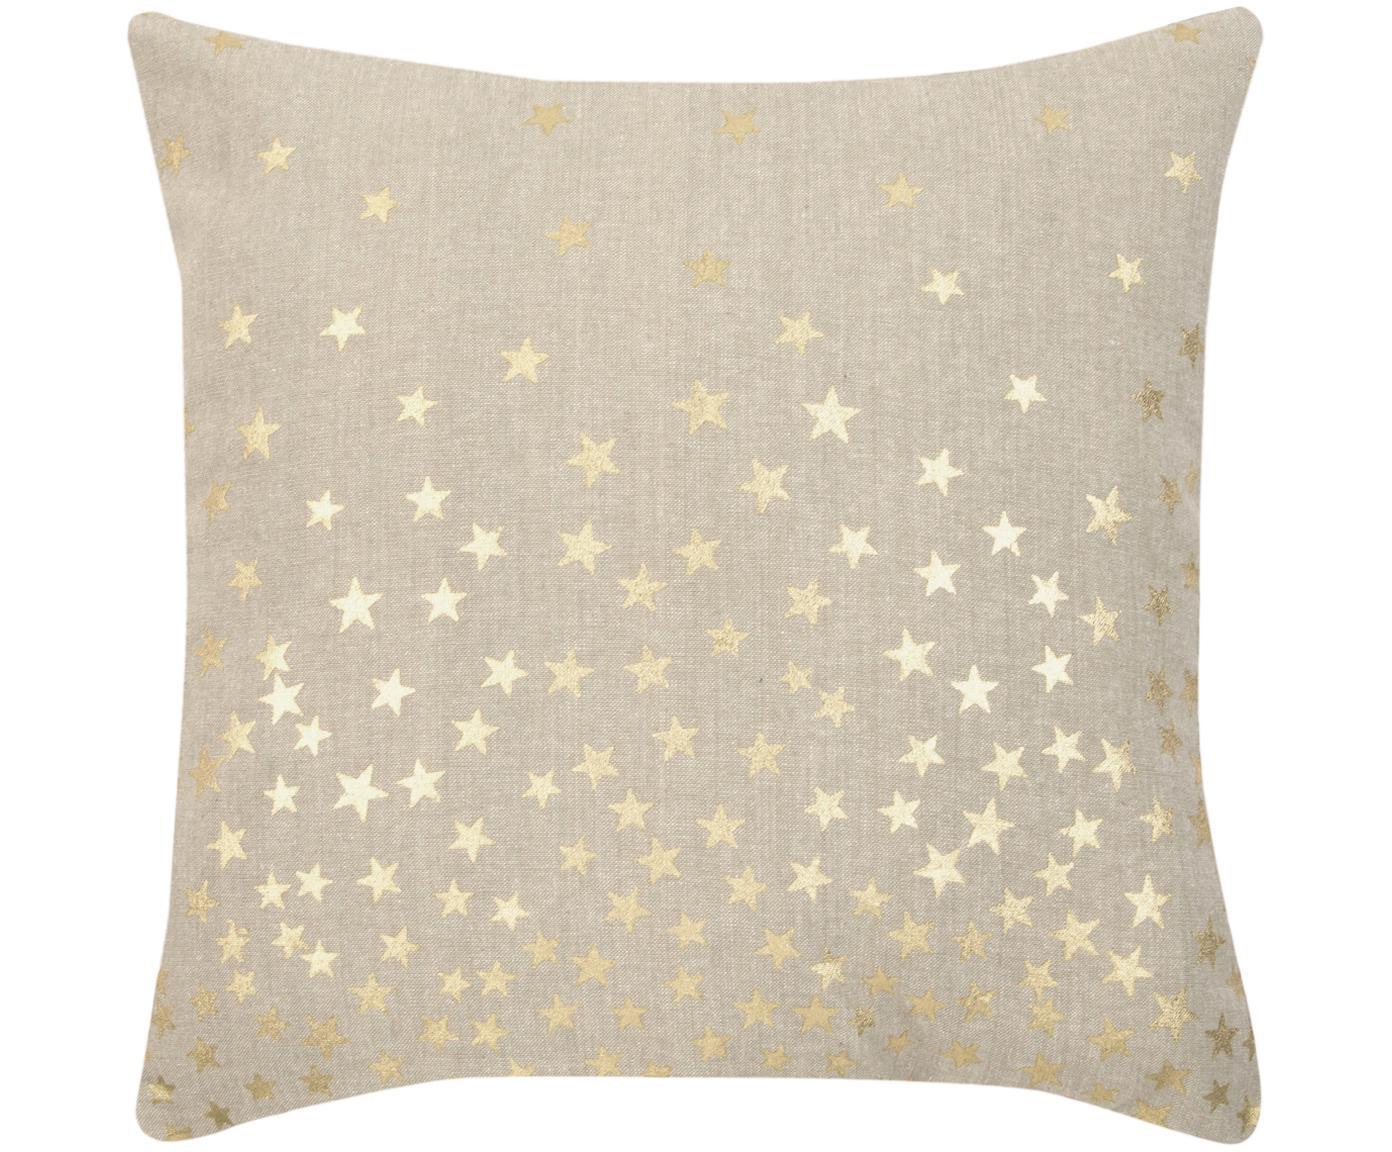 Poszewka na poduszkę Goldstar, 100% bawełna, Beżowy, odcienie złotego, S 45 x D 45 cm